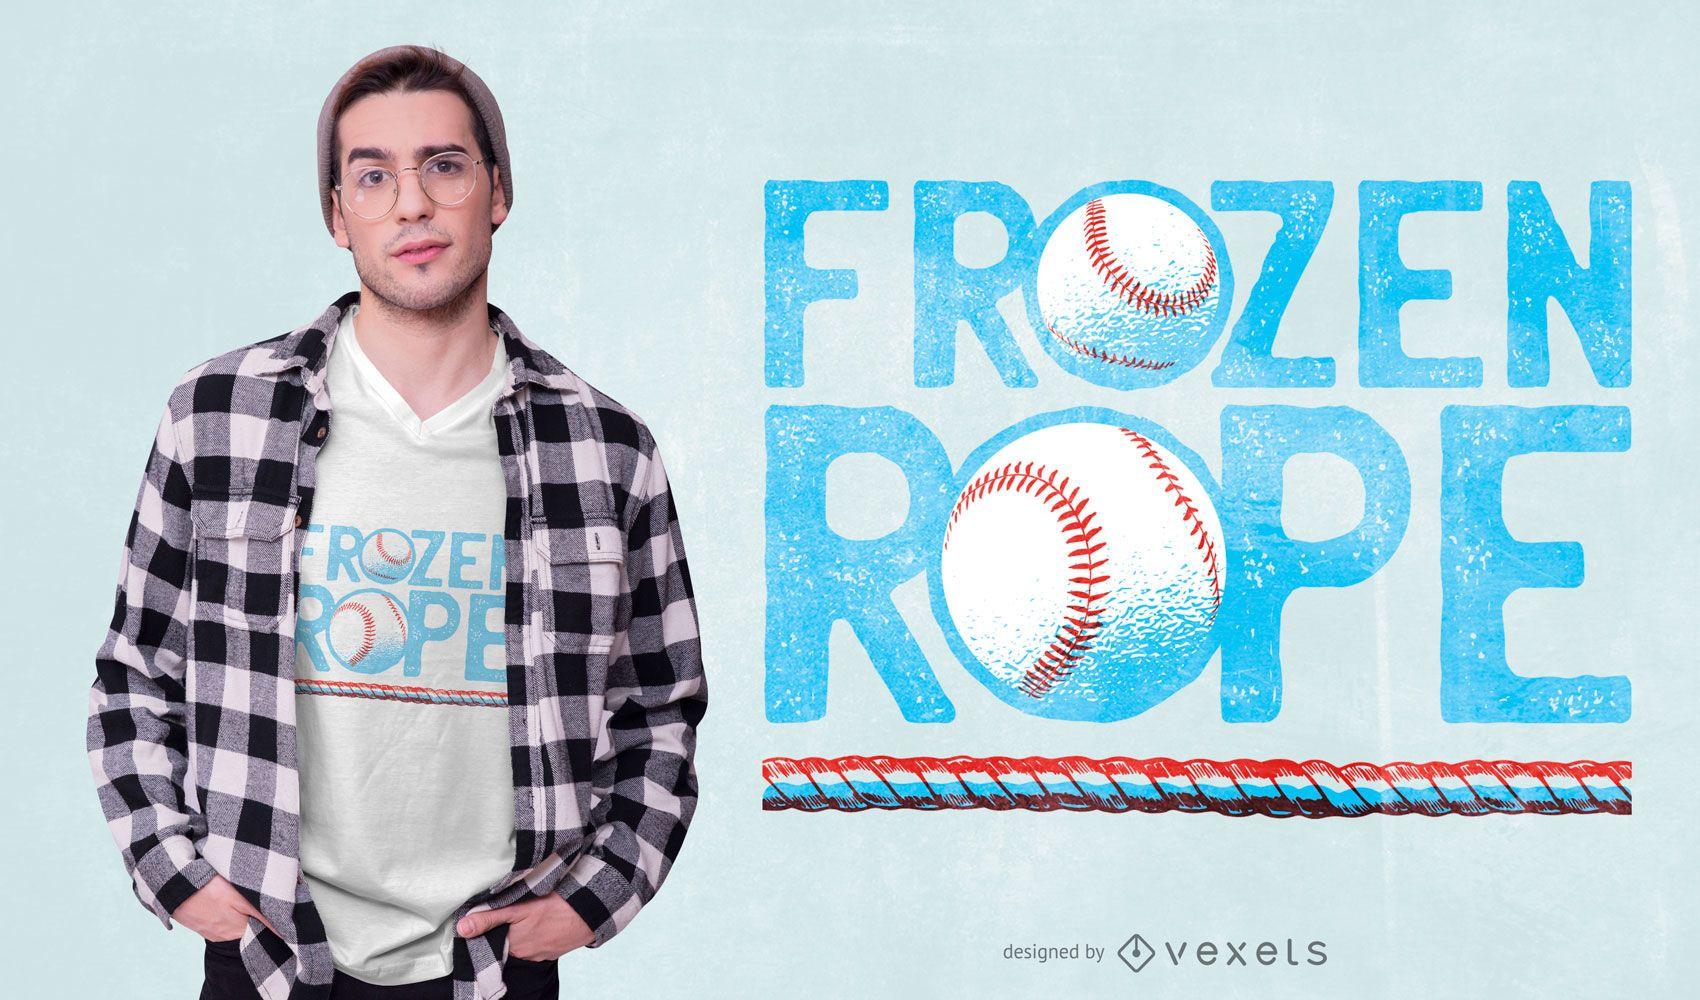 Diseño de camiseta de béisbol Frozen Rope